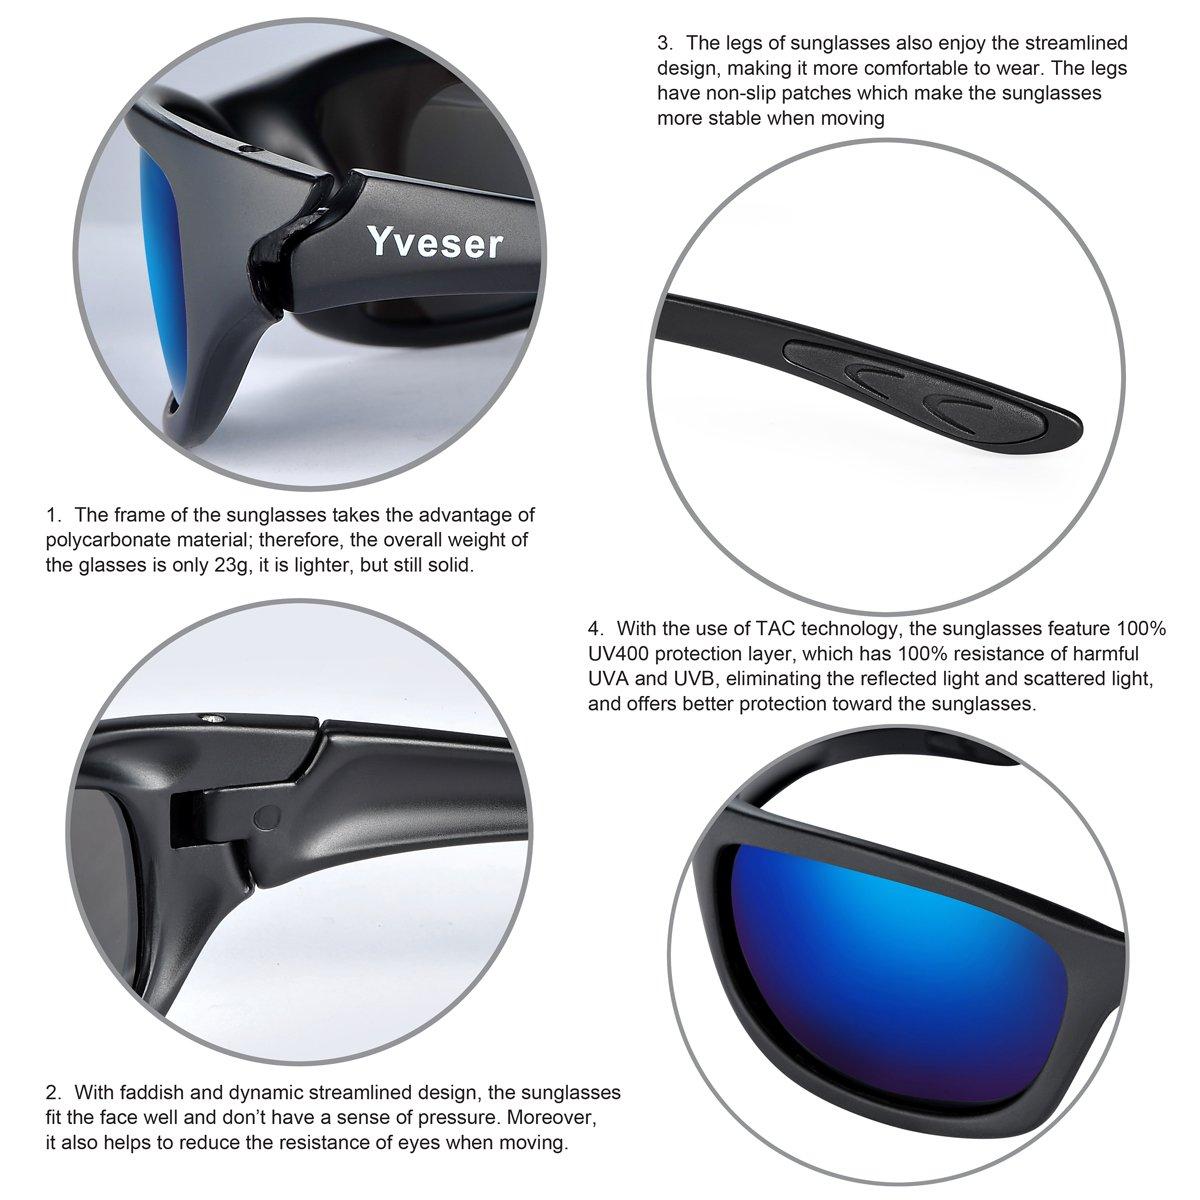 Yveser Lunettes de Soleil Polarisées Pour homme - UV400 pour Sports Baseball Course Cyclisme Pêche Randonnée ski Golf Yv148 (Lentille Noire/Cadre Noir Mat) w7mQZ